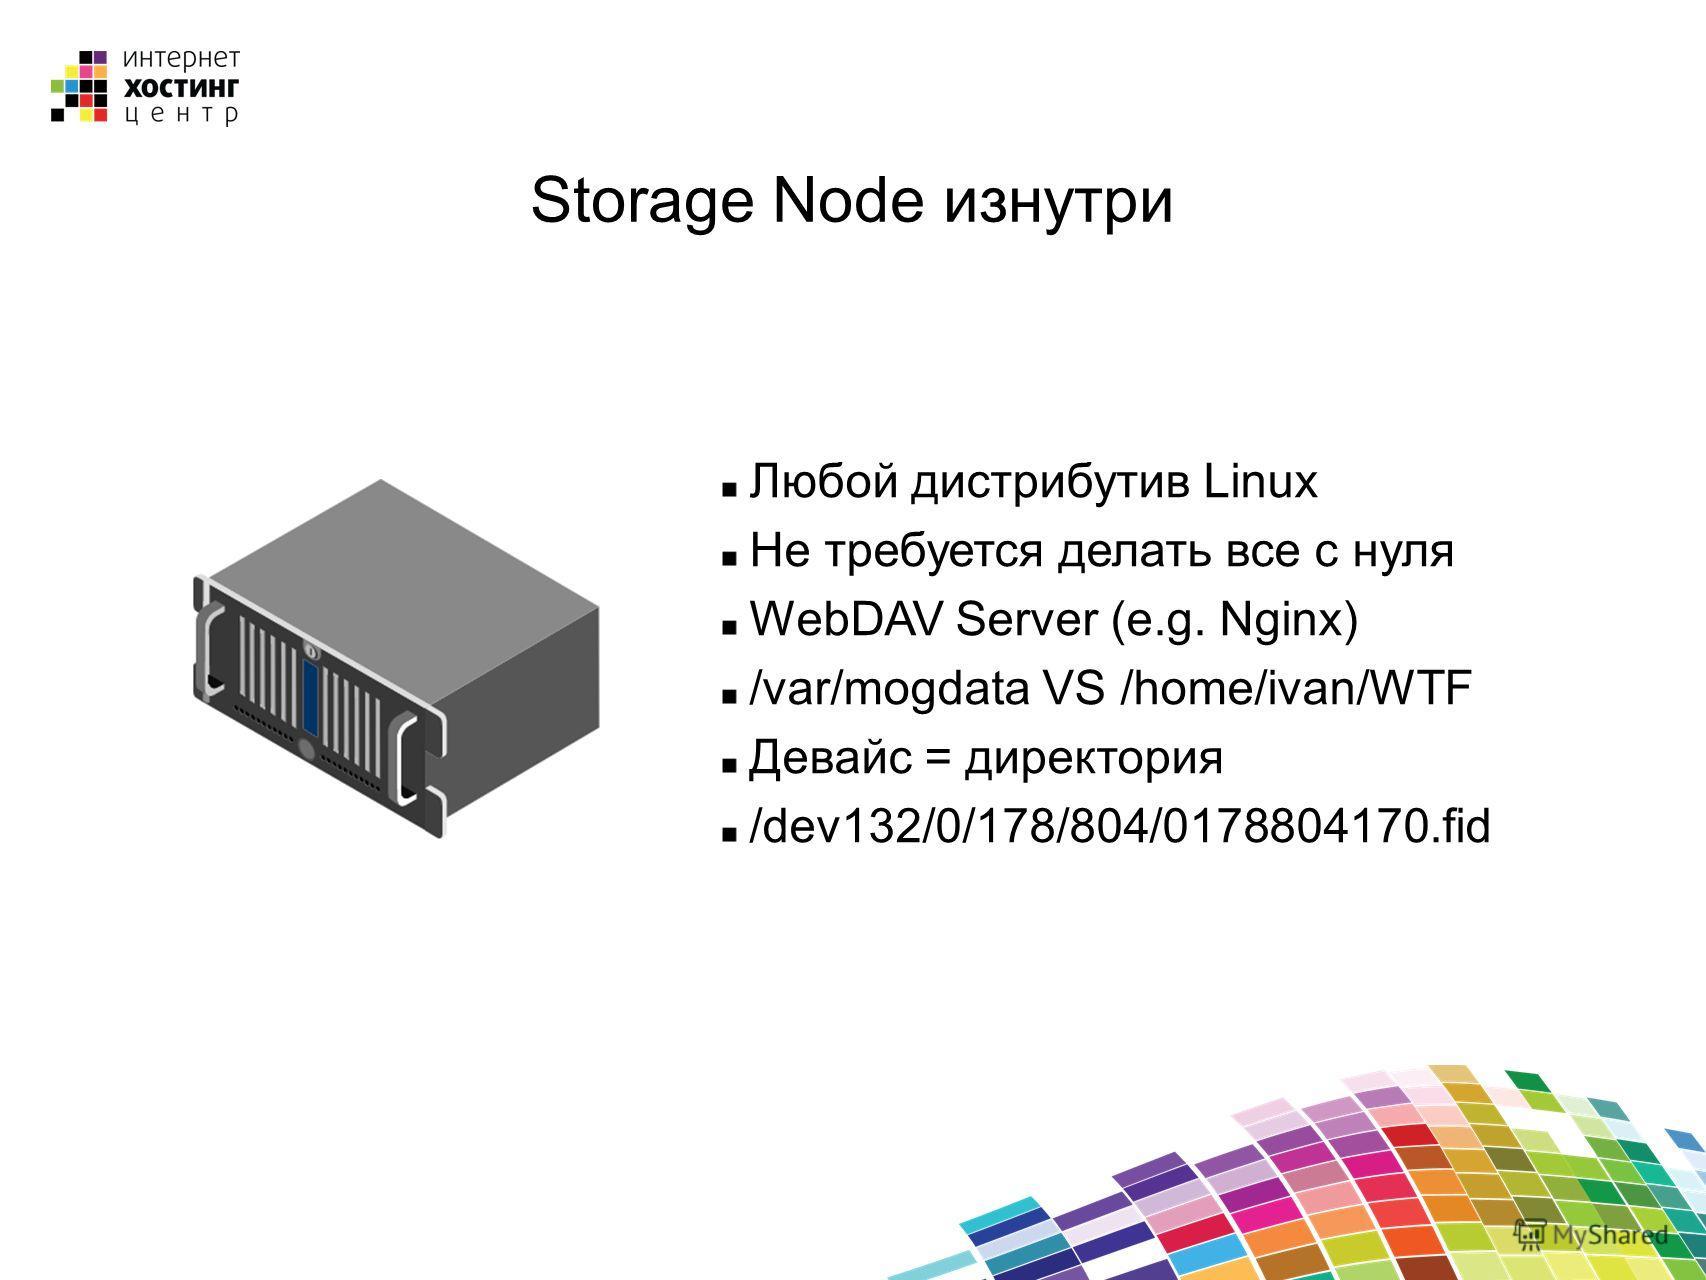 Storage Node изнутри Любой дистрибутив Linux Не требуется делать все с нуля WebDAV Server (e.g. Nginx) /var/mogdata VS /home/ivan/WTF Девайс = директория /dev132/0/178/804/0178804170.fid